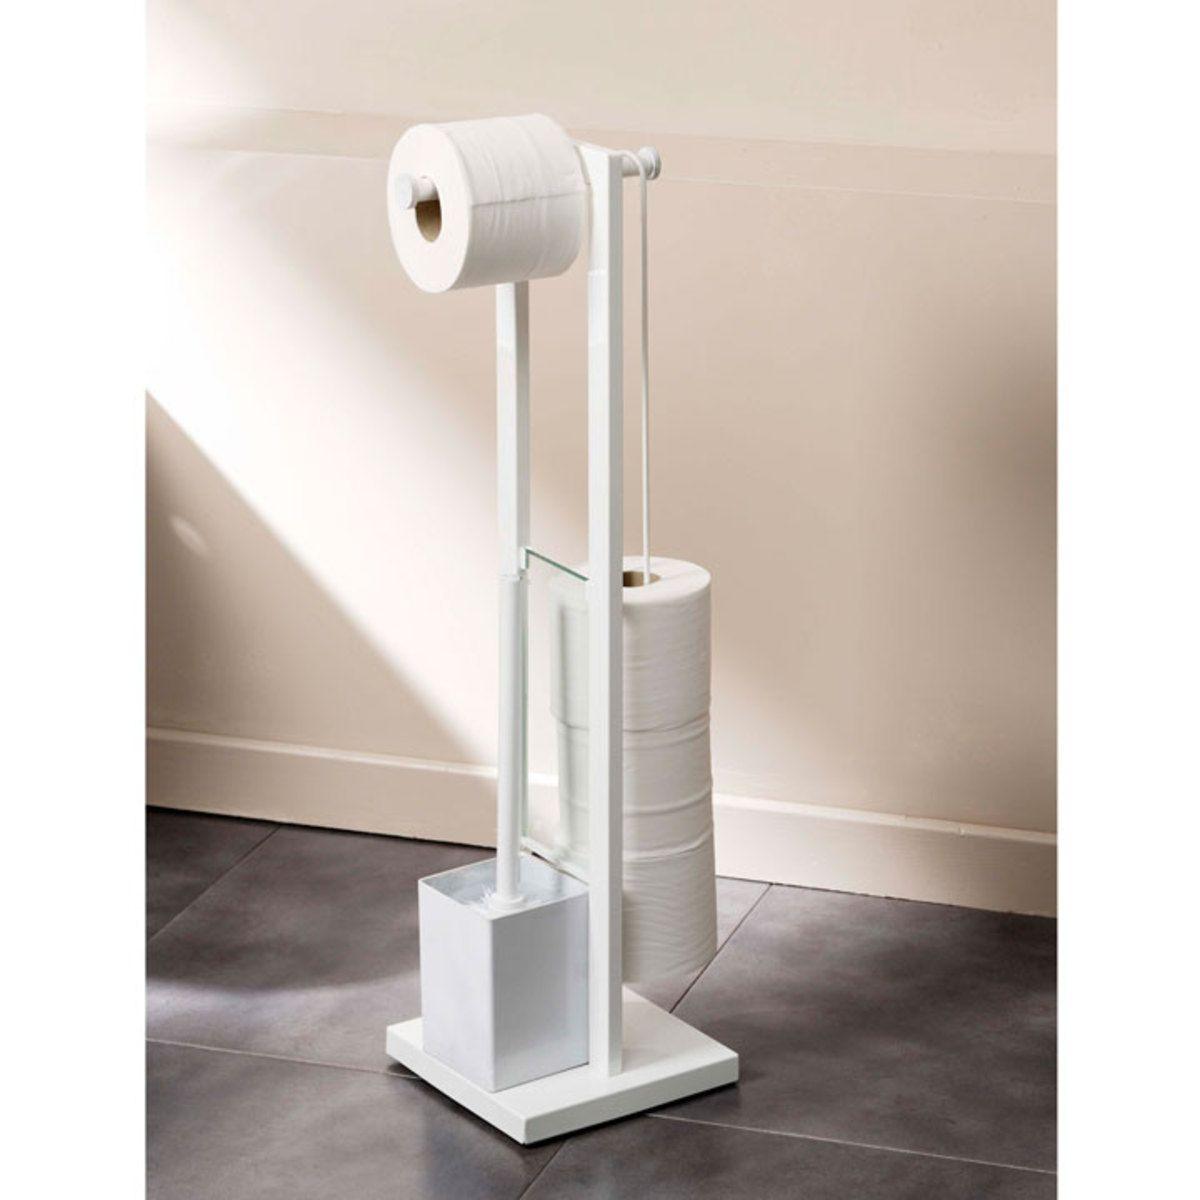 Derouleur Wc K Re Valet Wc Blanc K Re Valet Wc Blanc Meuble Salle De Bain Porte Papier Toilette Lunette De Toilette